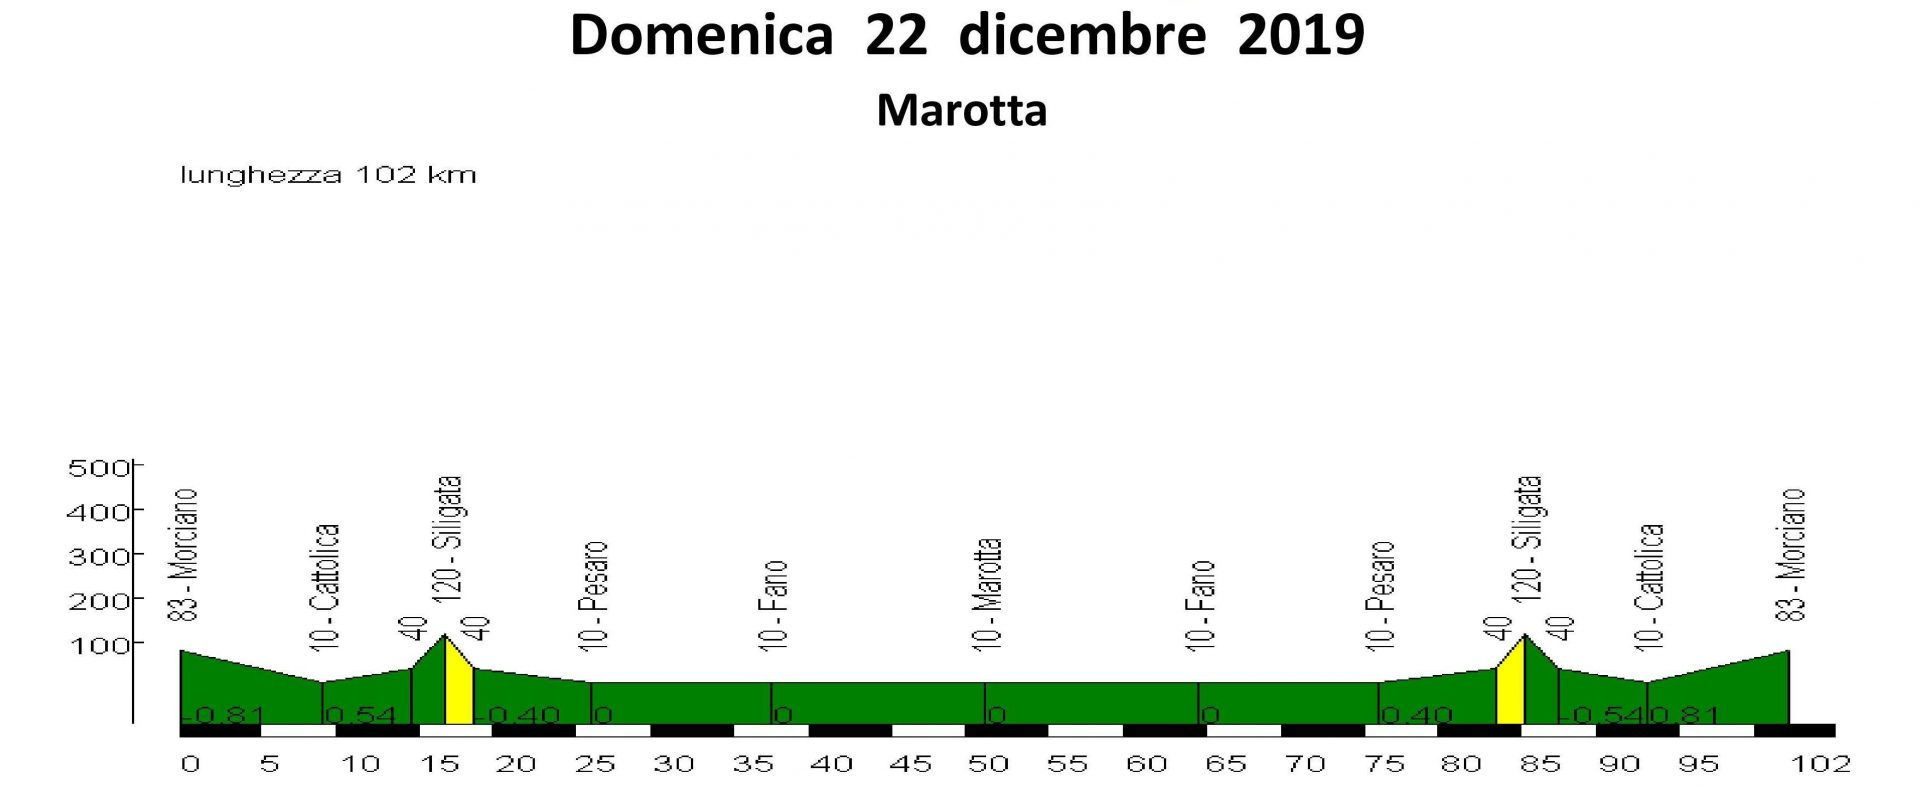 Domenica 22-dic-2019 Marotta